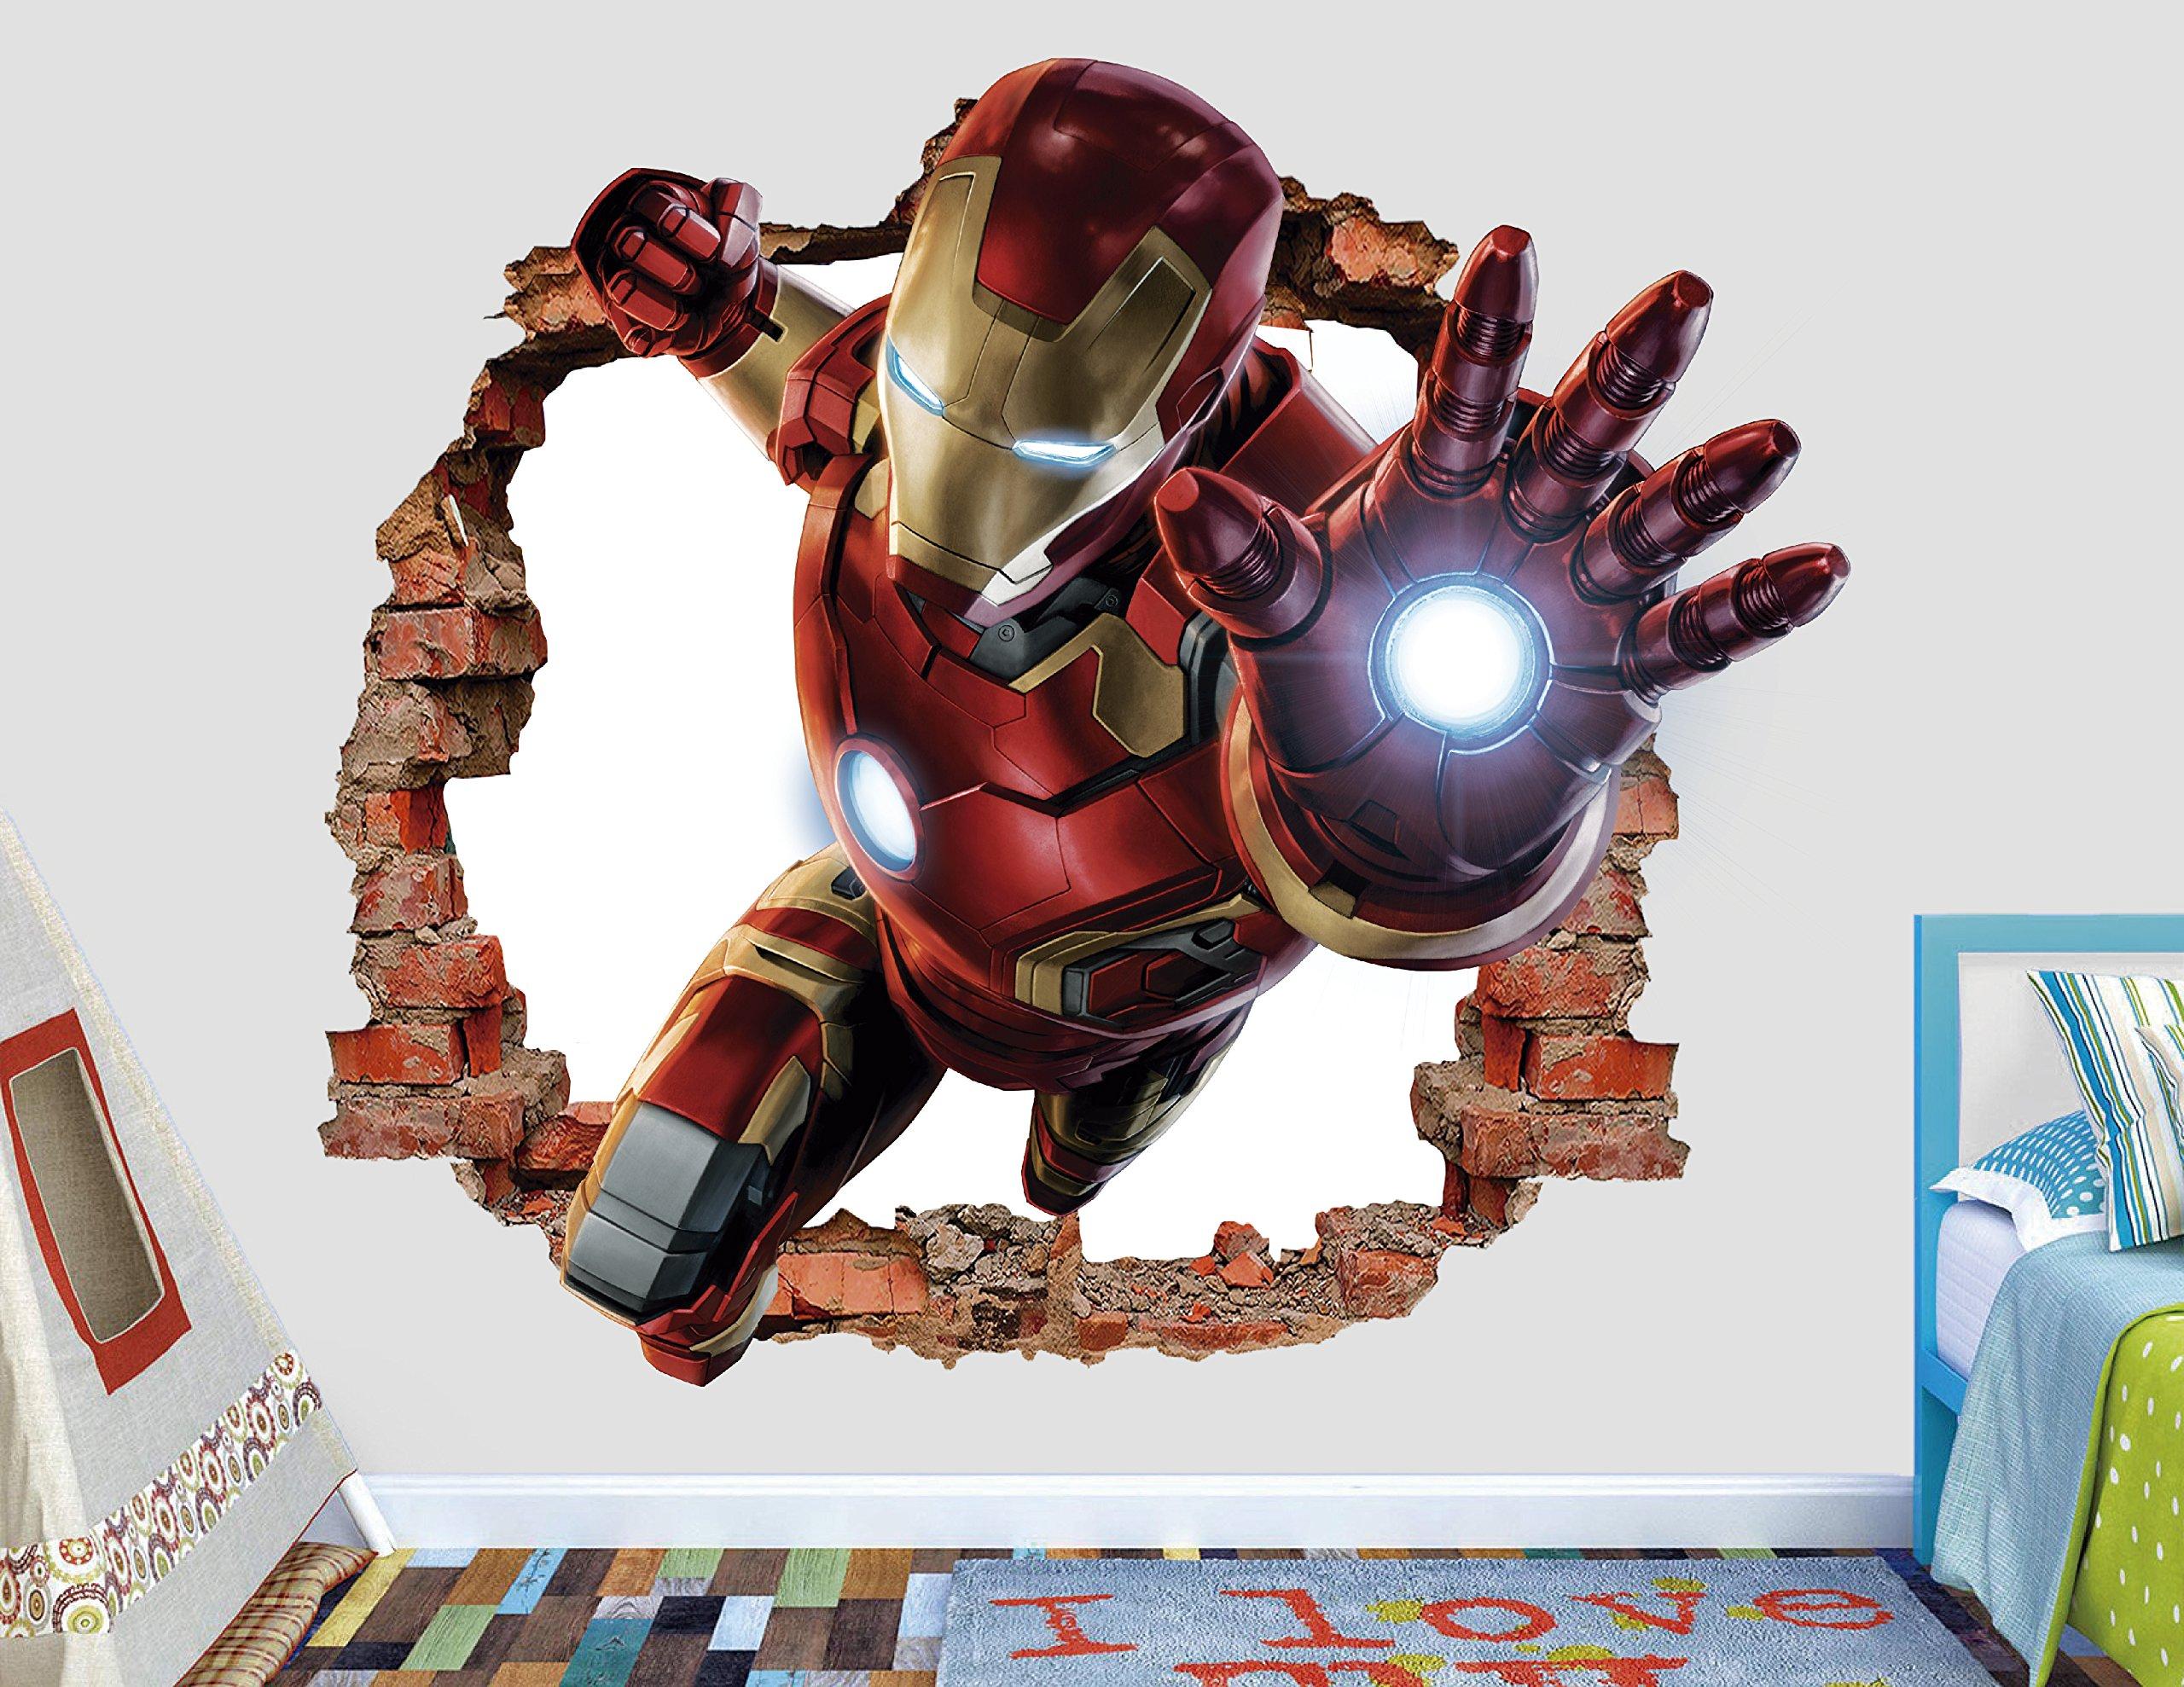 Iron Man Wall Decal Smashed 3D Sticker Vinyl Decor Mural Art Movie Kids- Broken Wall - 3D Designs - AL02 (Medium (Wide 28'' x 24'' Height))